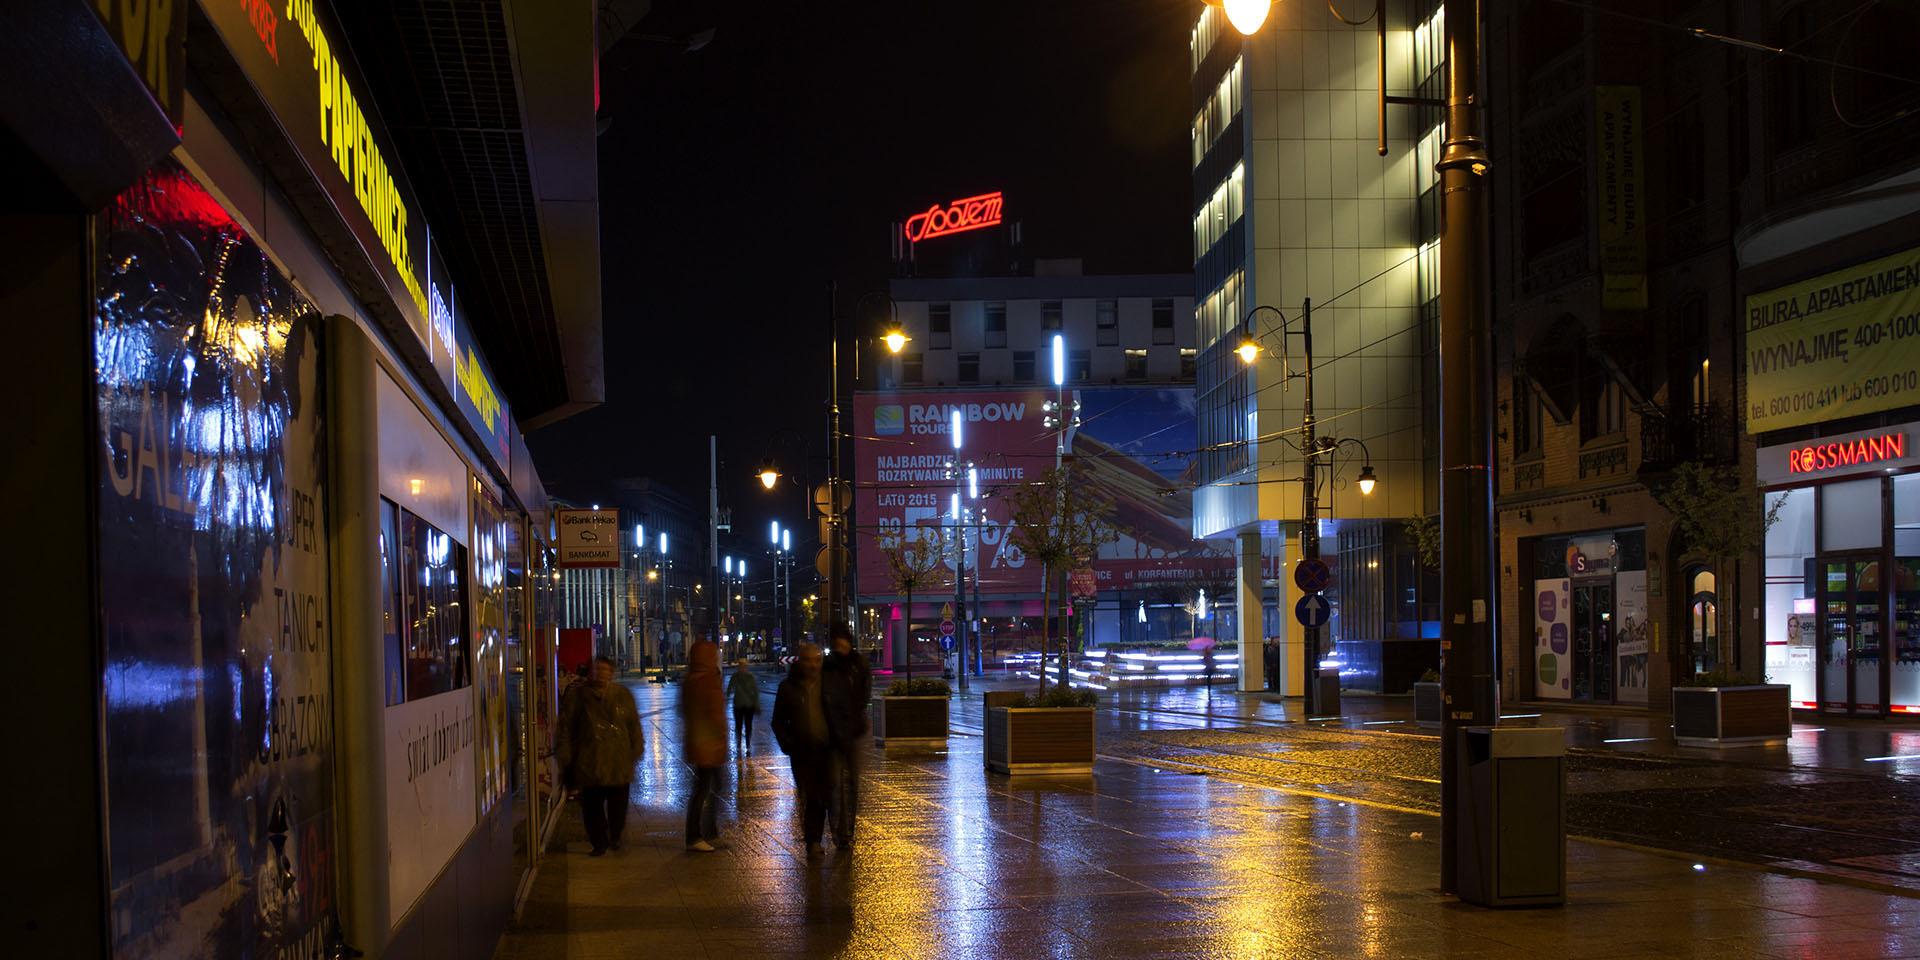 e96c486552f08 Neon Katowice Społem, litery LED Katowice. Montaż na dachu DH Zenit na  Rynku w Katowicach.